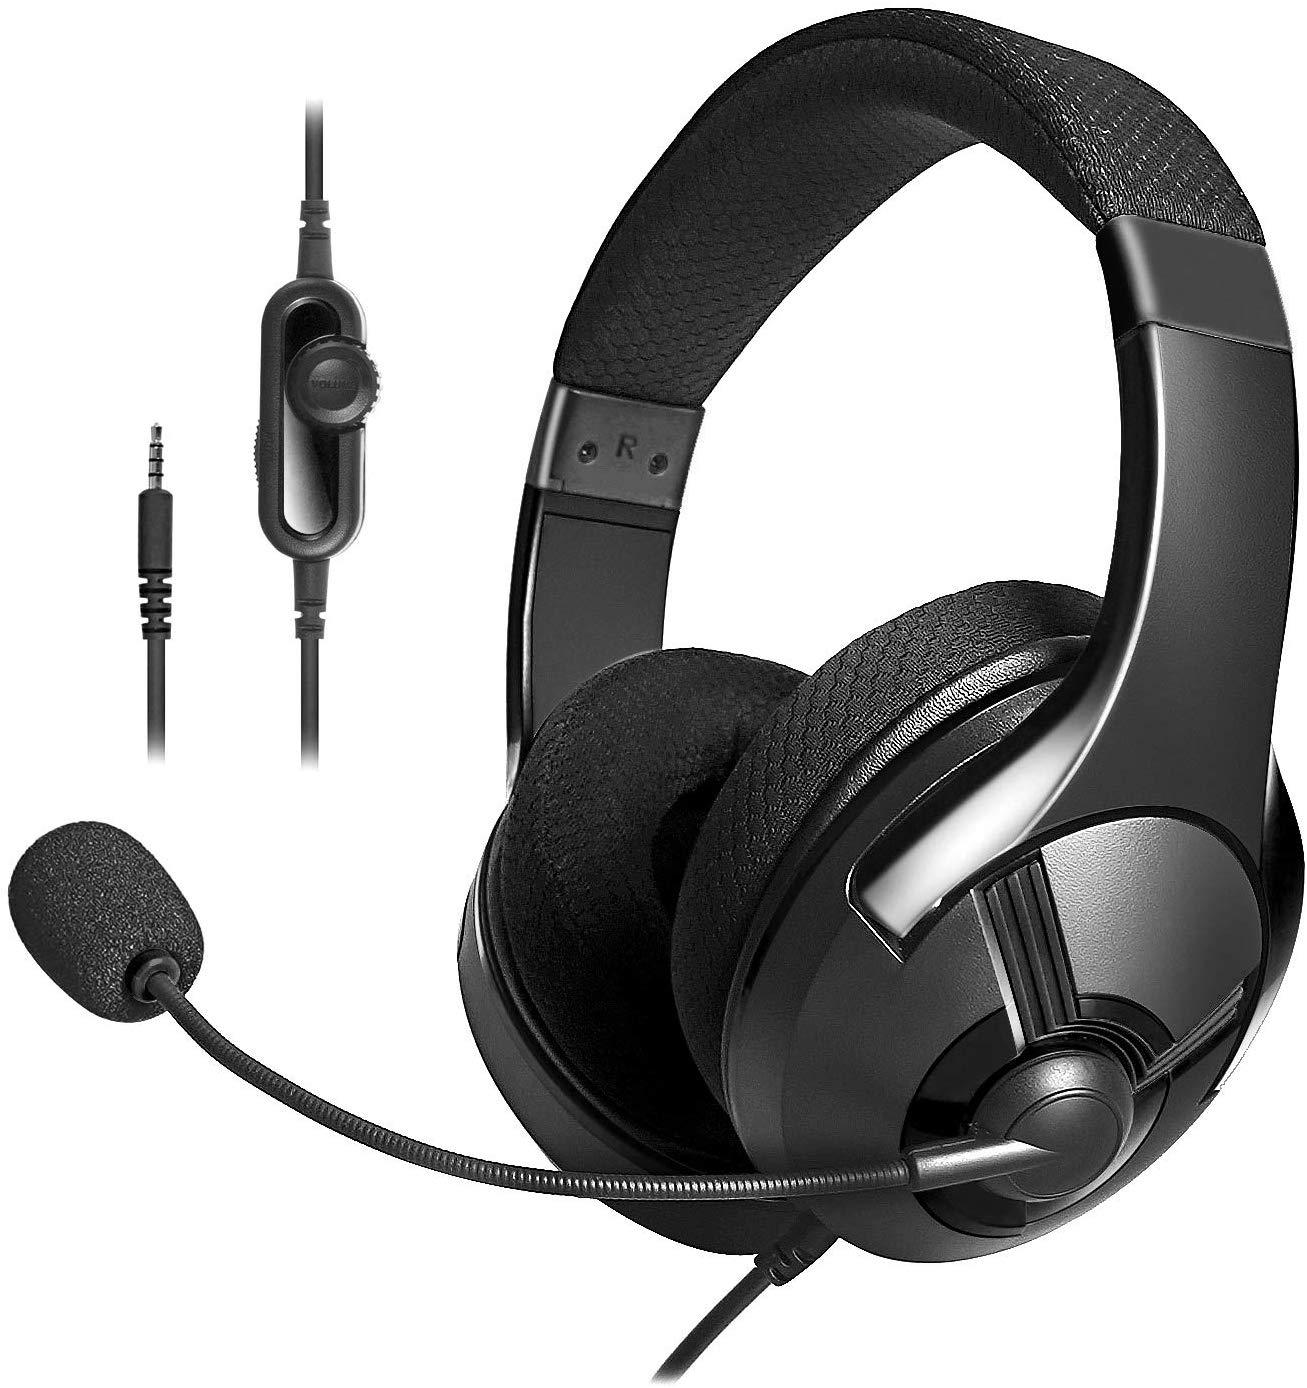 AmazonBasics Gaming Headset – Black Only £7.2 on Amazon